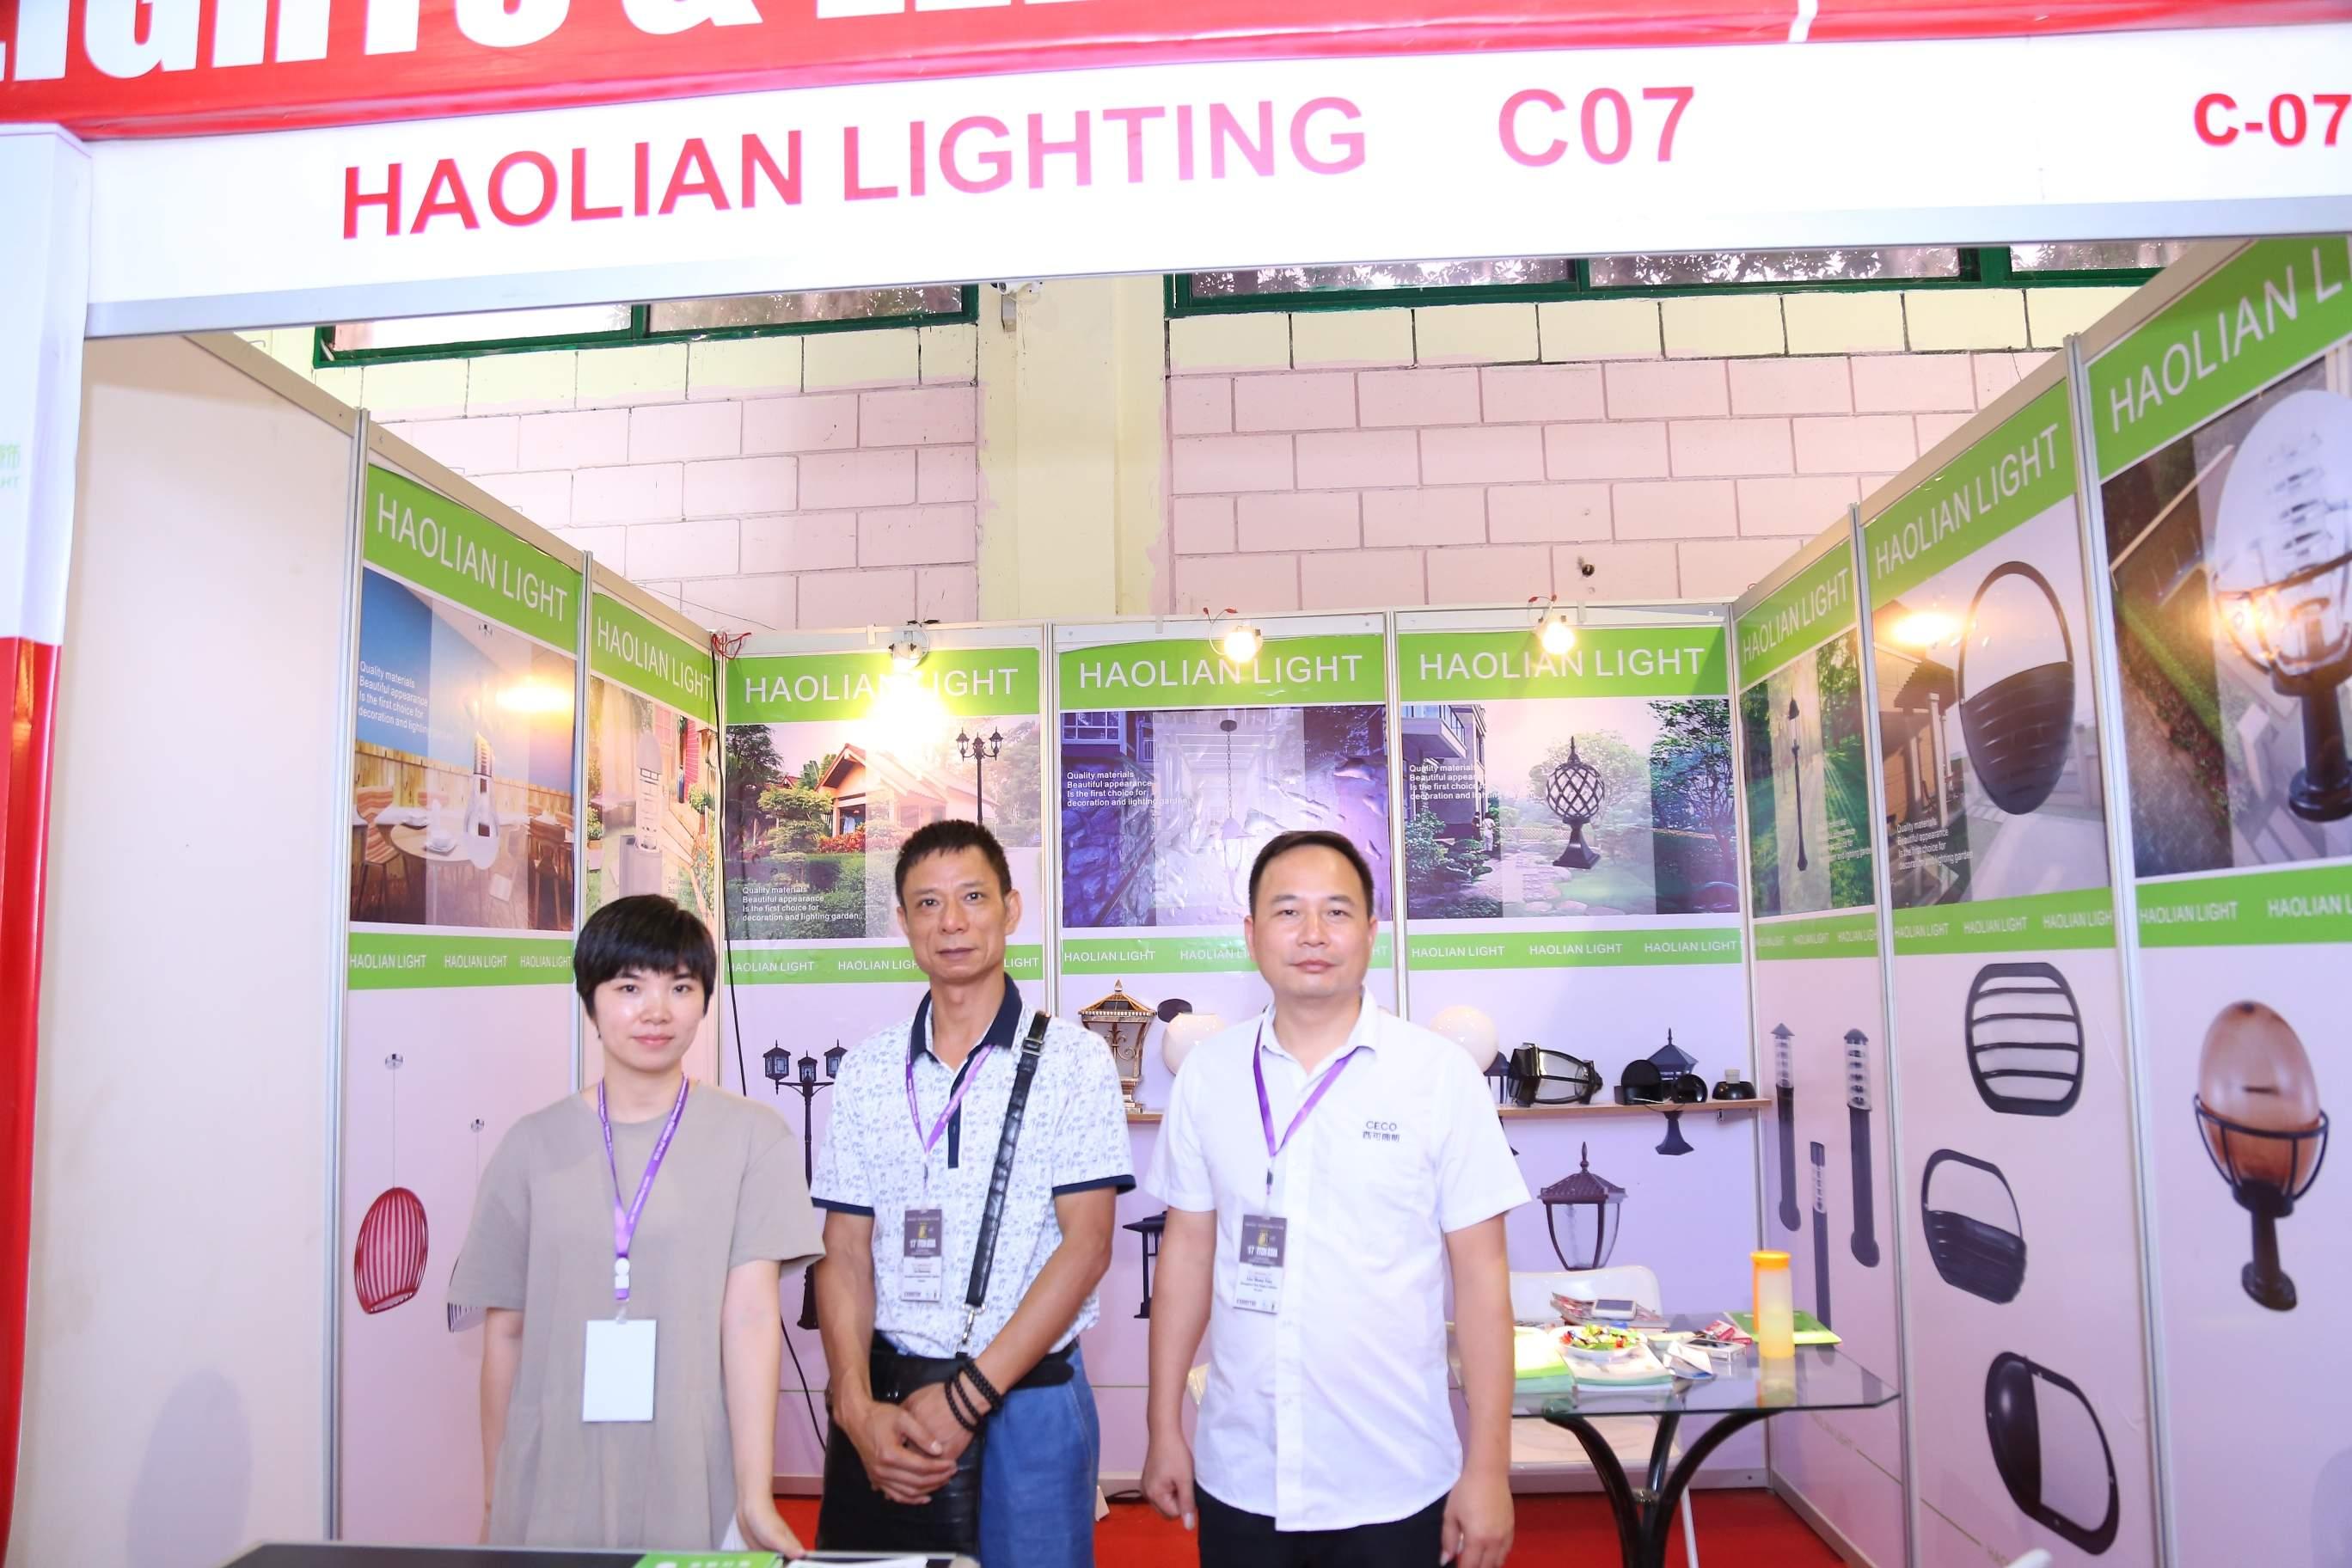 2018年巴基斯坦国际照明及LED展览会